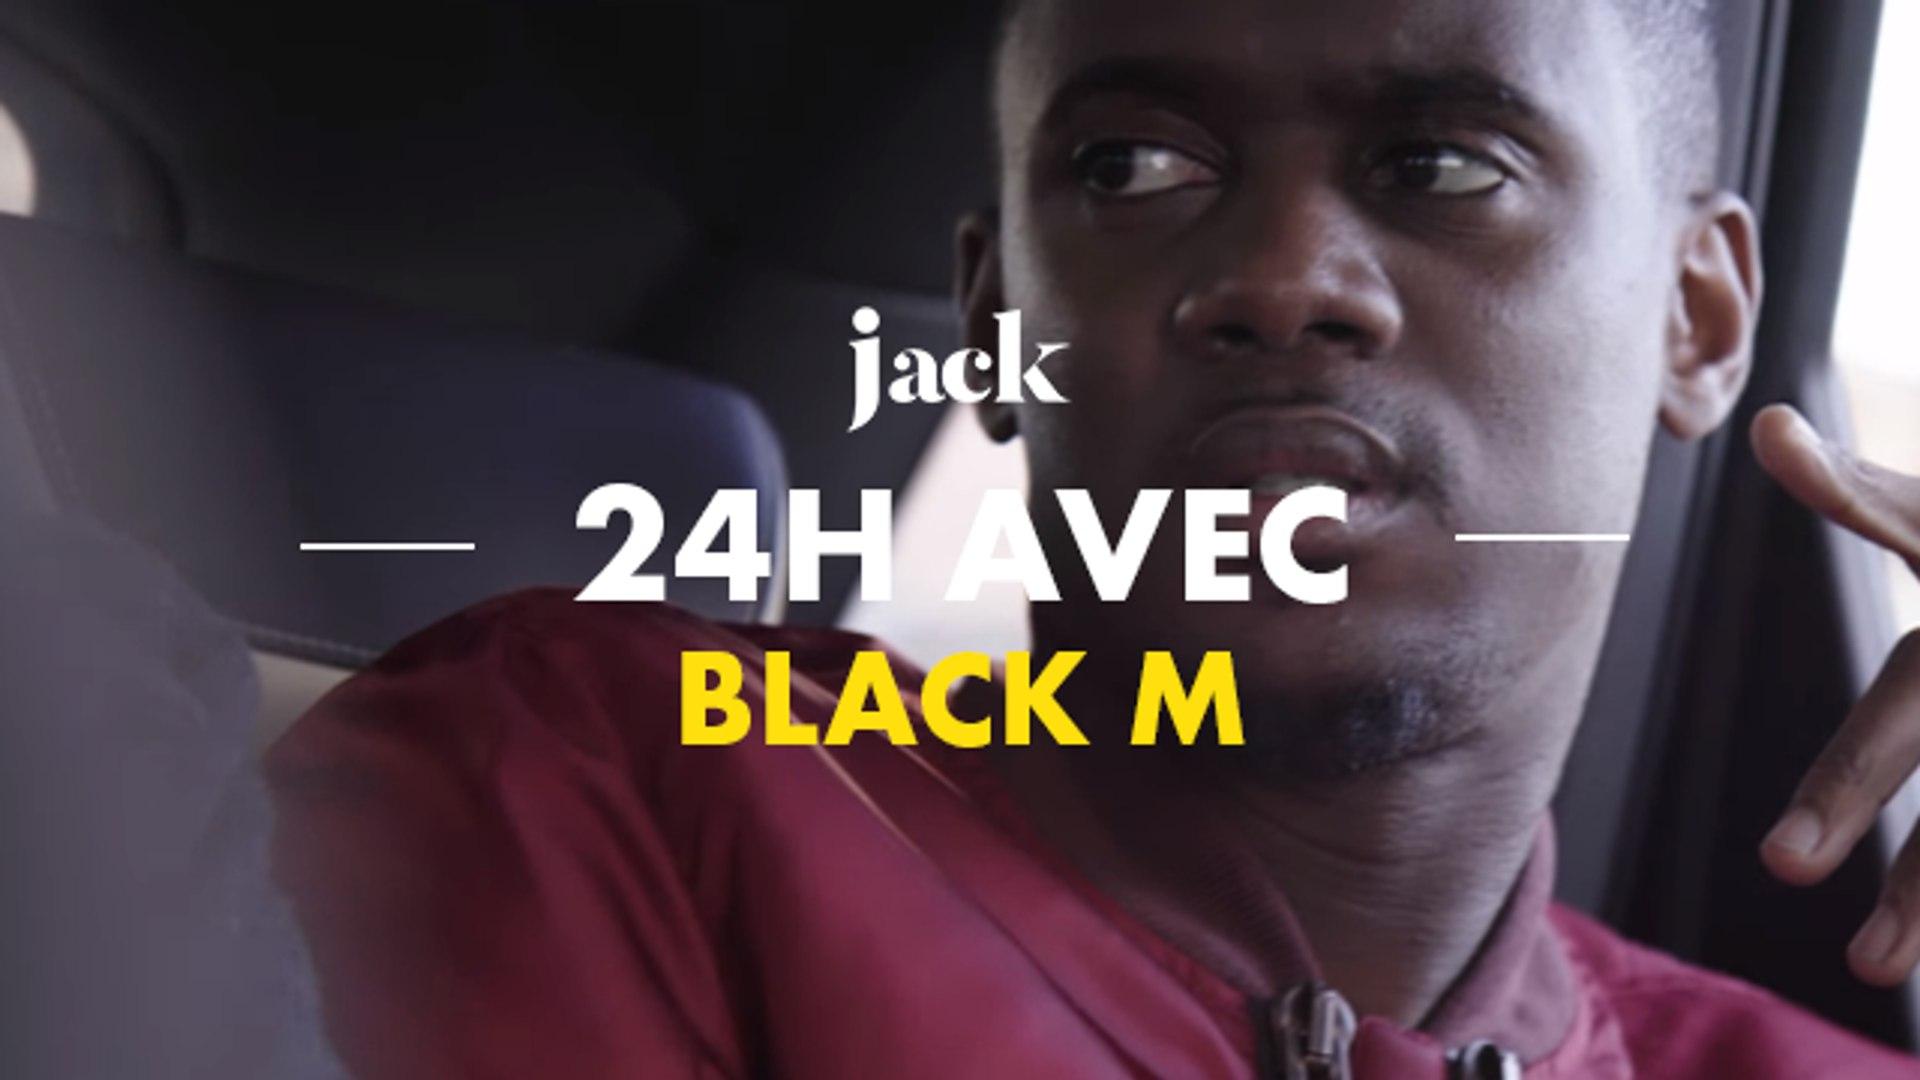 24 heures avec Black M | JACK